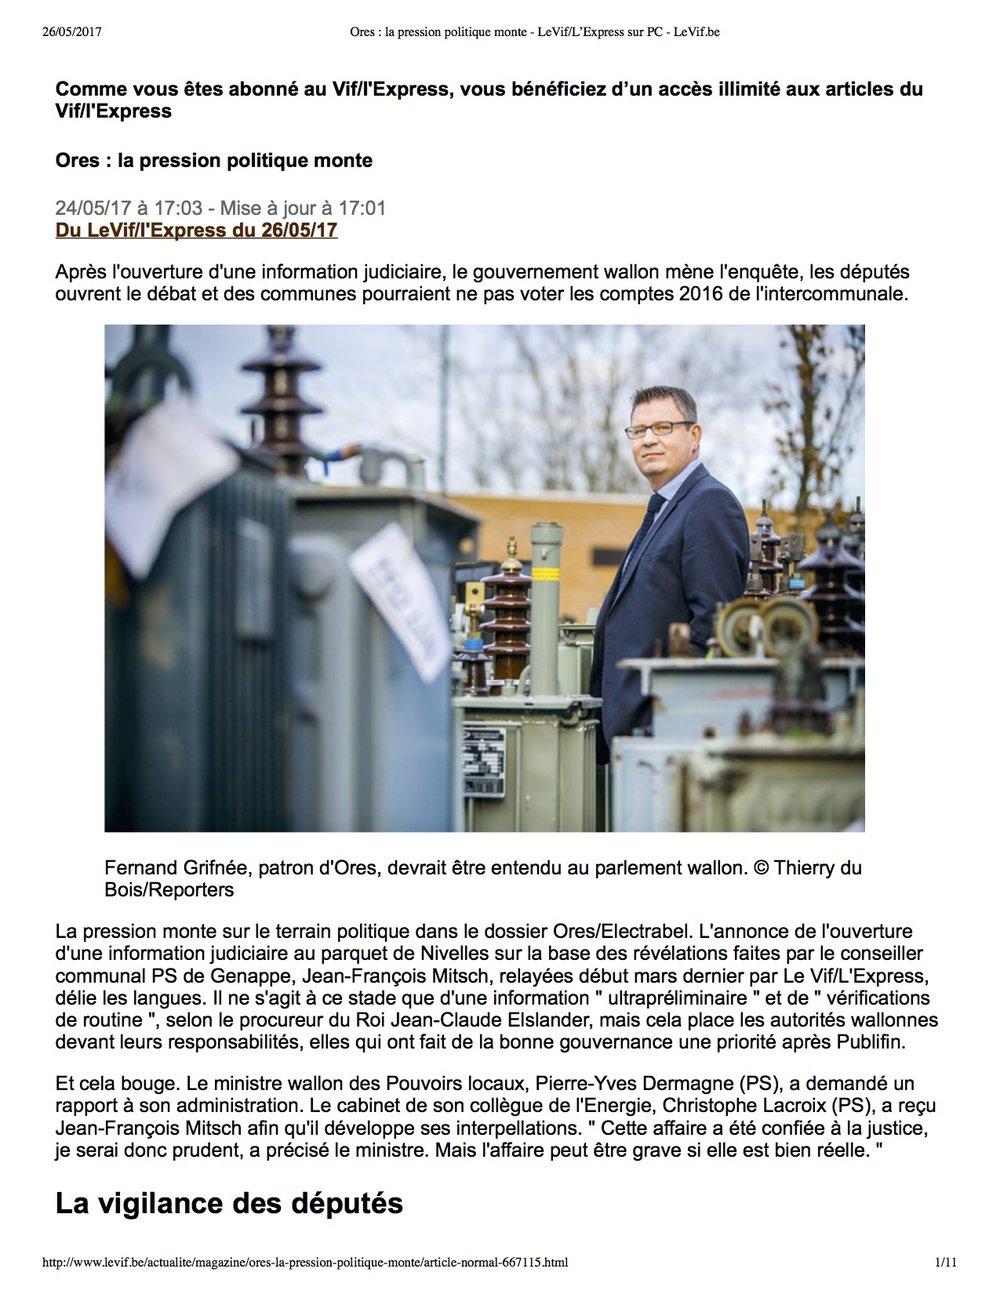 Ores - la pression politique monte - LeVif-L'Express sur PC - LeVif.be.jpg